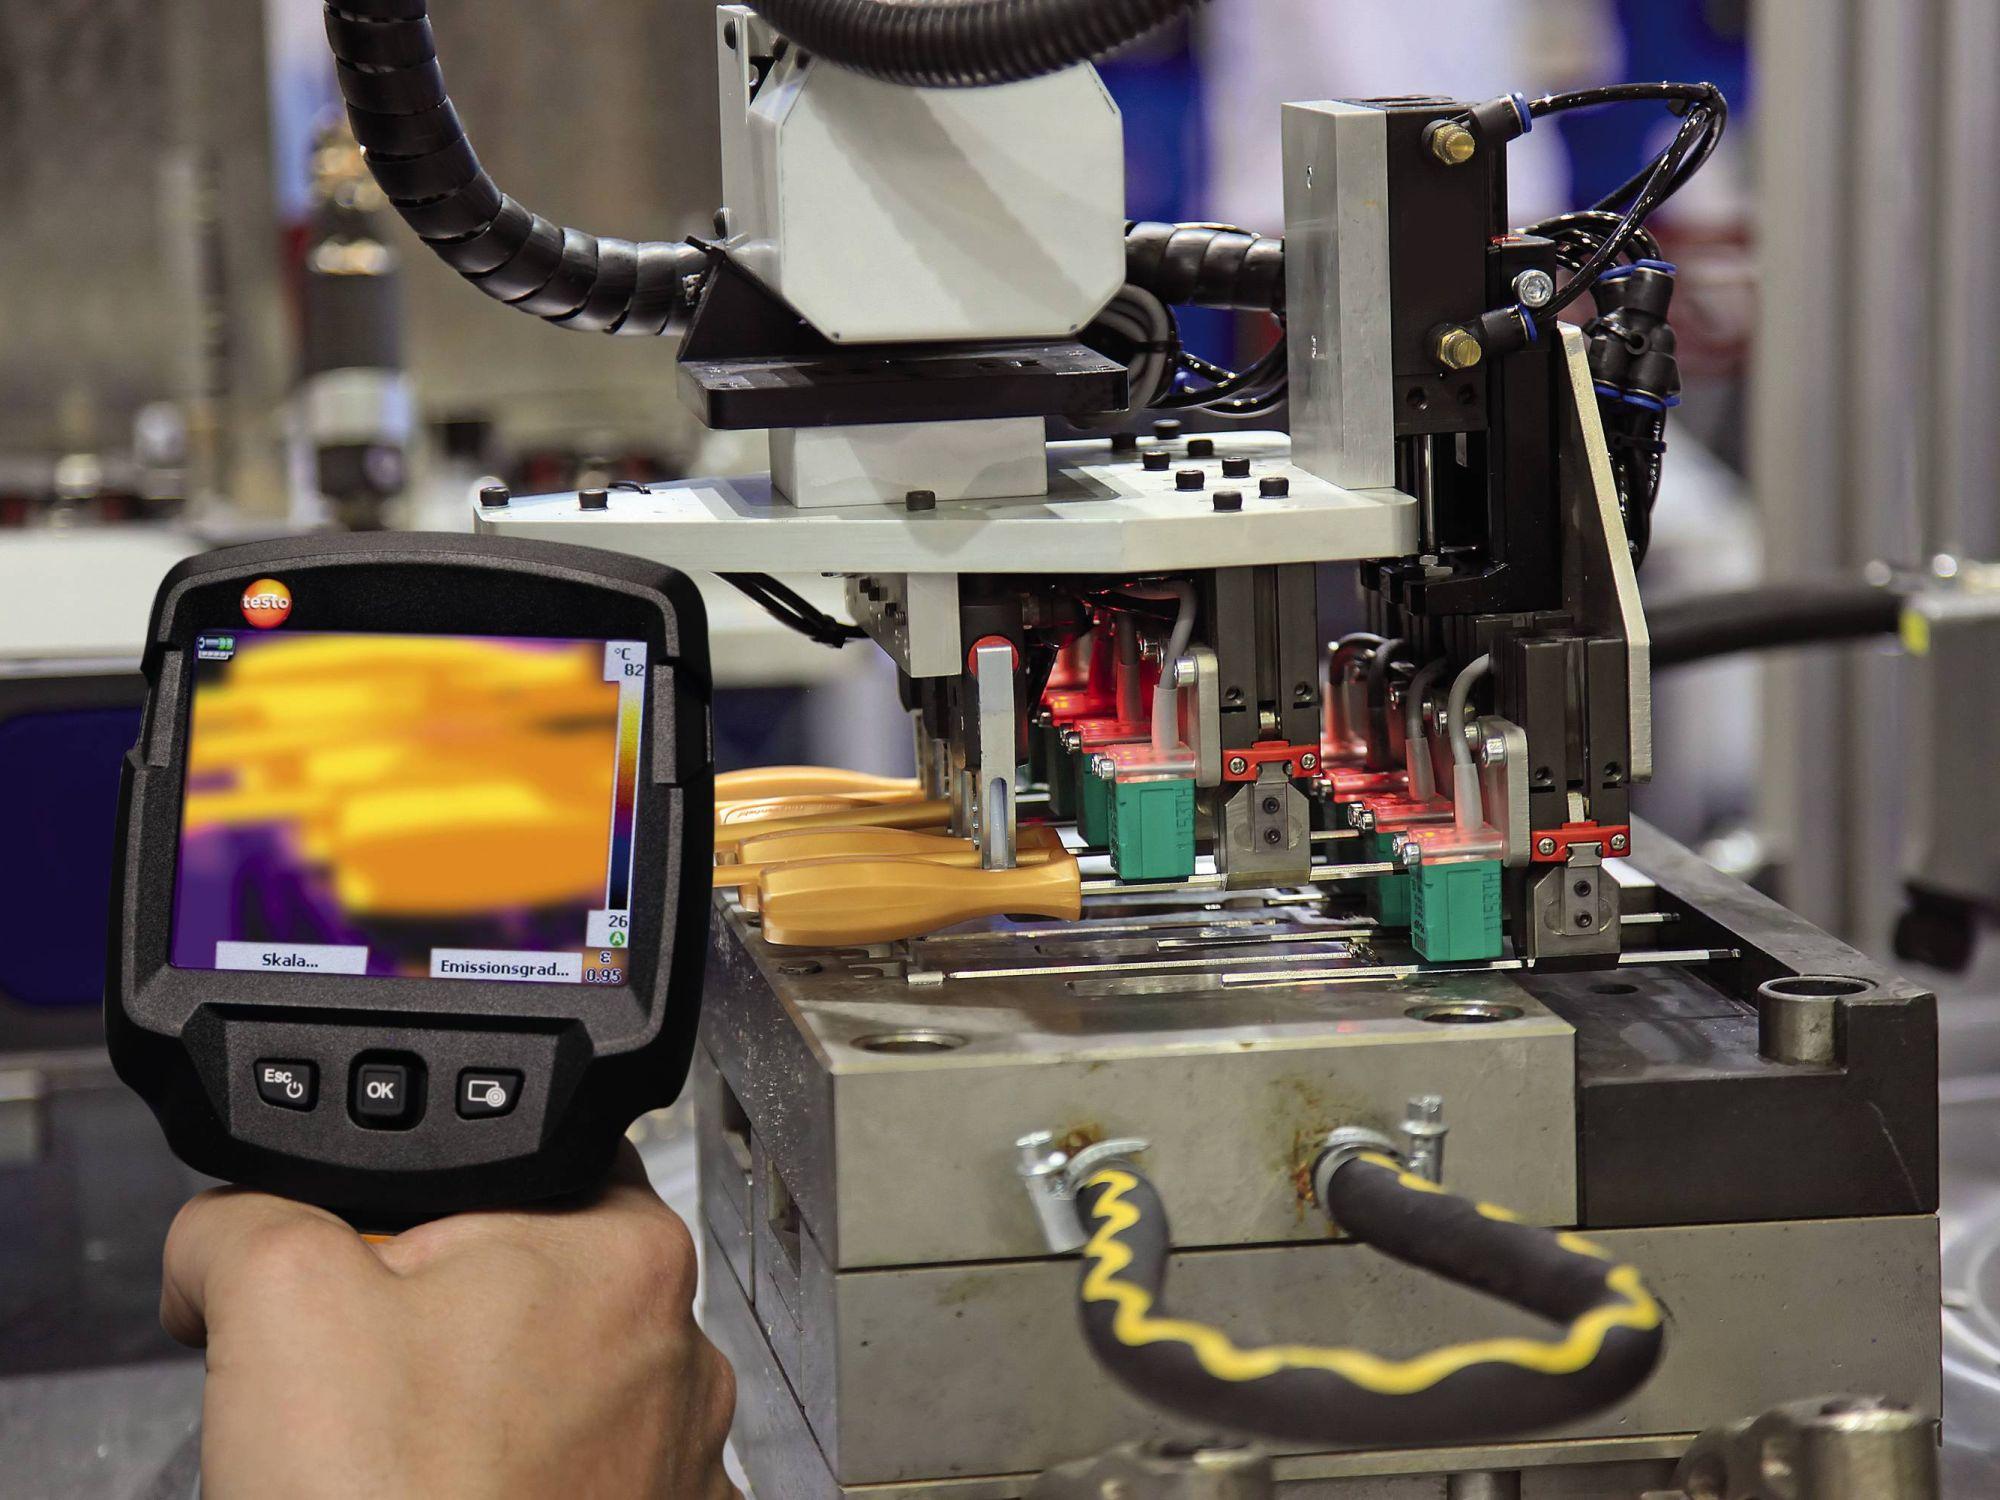 Qualitätskontrolle in der industriellen Produktion